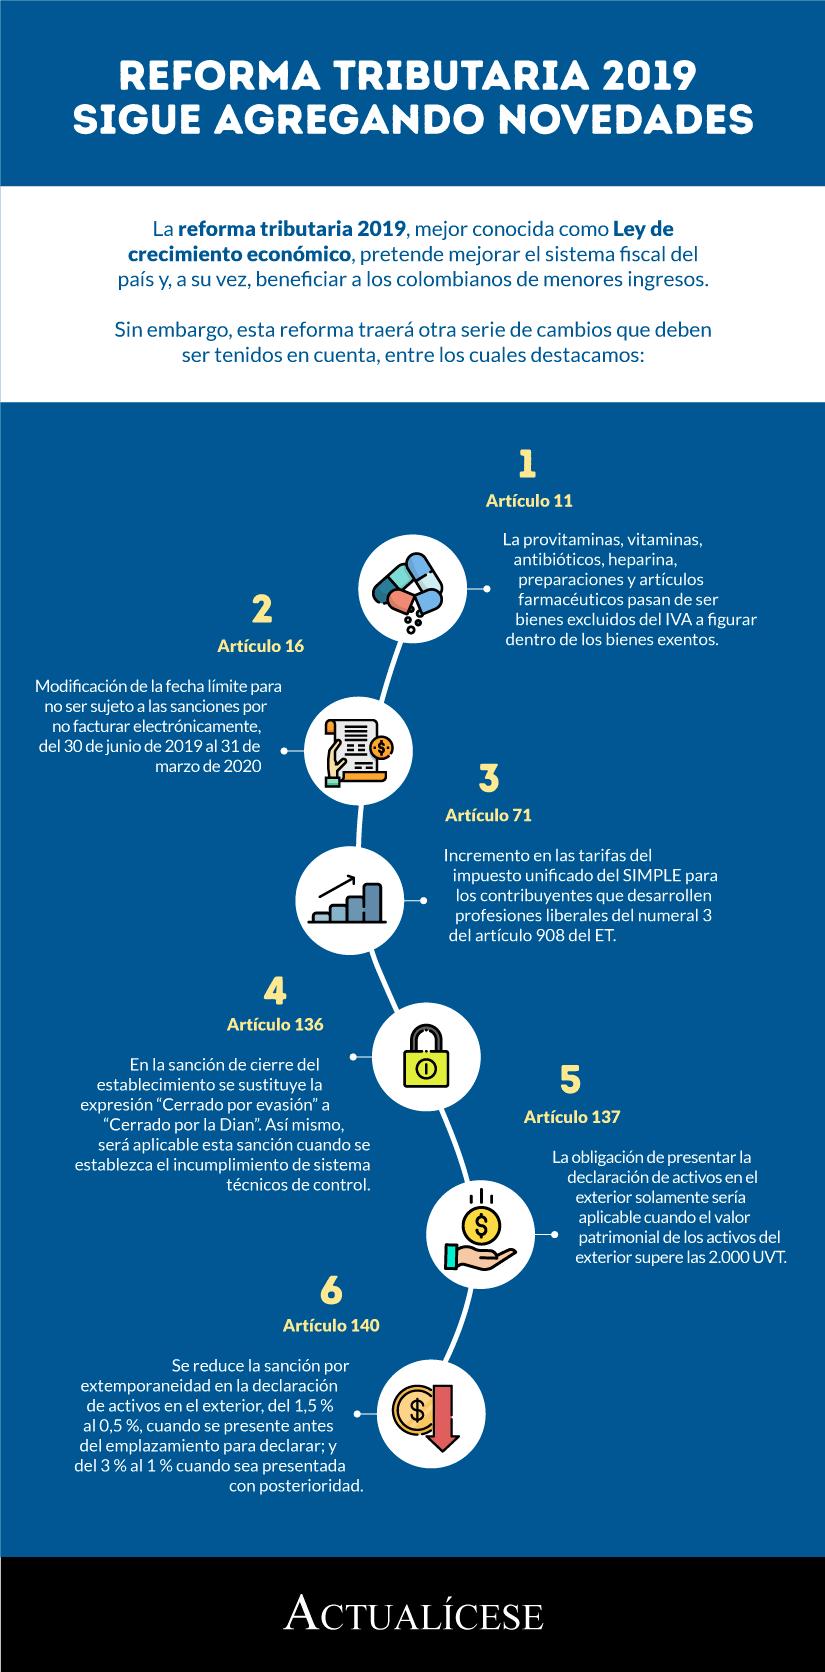 [Infografía] Reforma tributaria 2019 sigue agregando novedades